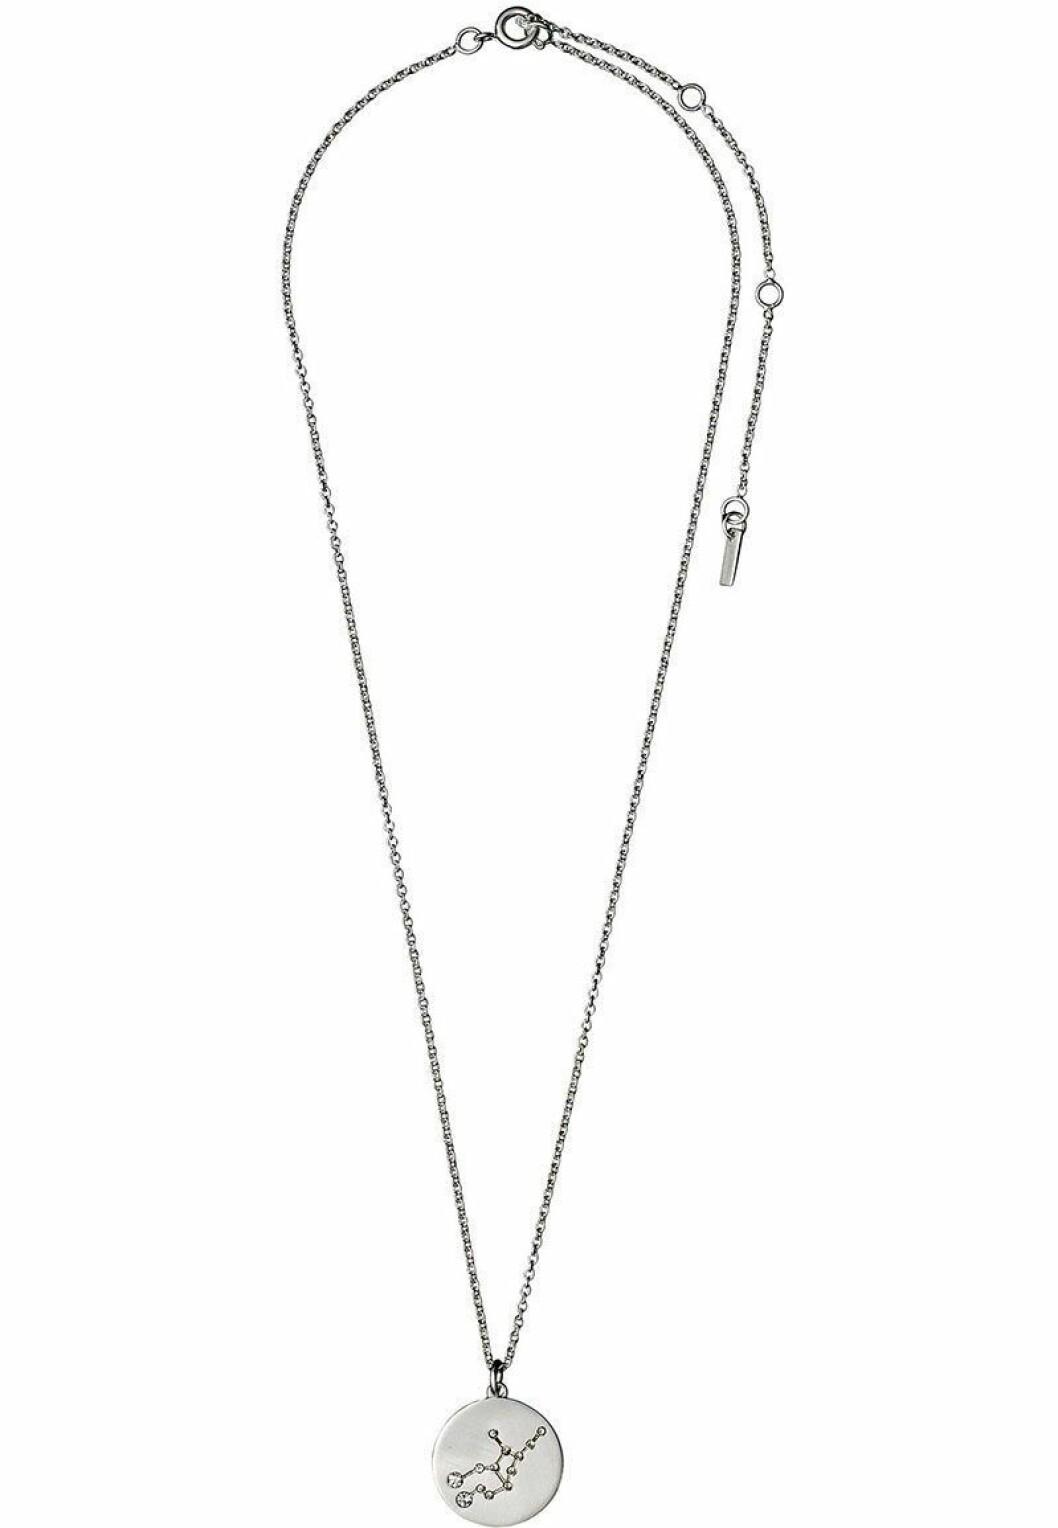 Halsband från Pilgrim med stjärntecknet jungfrun